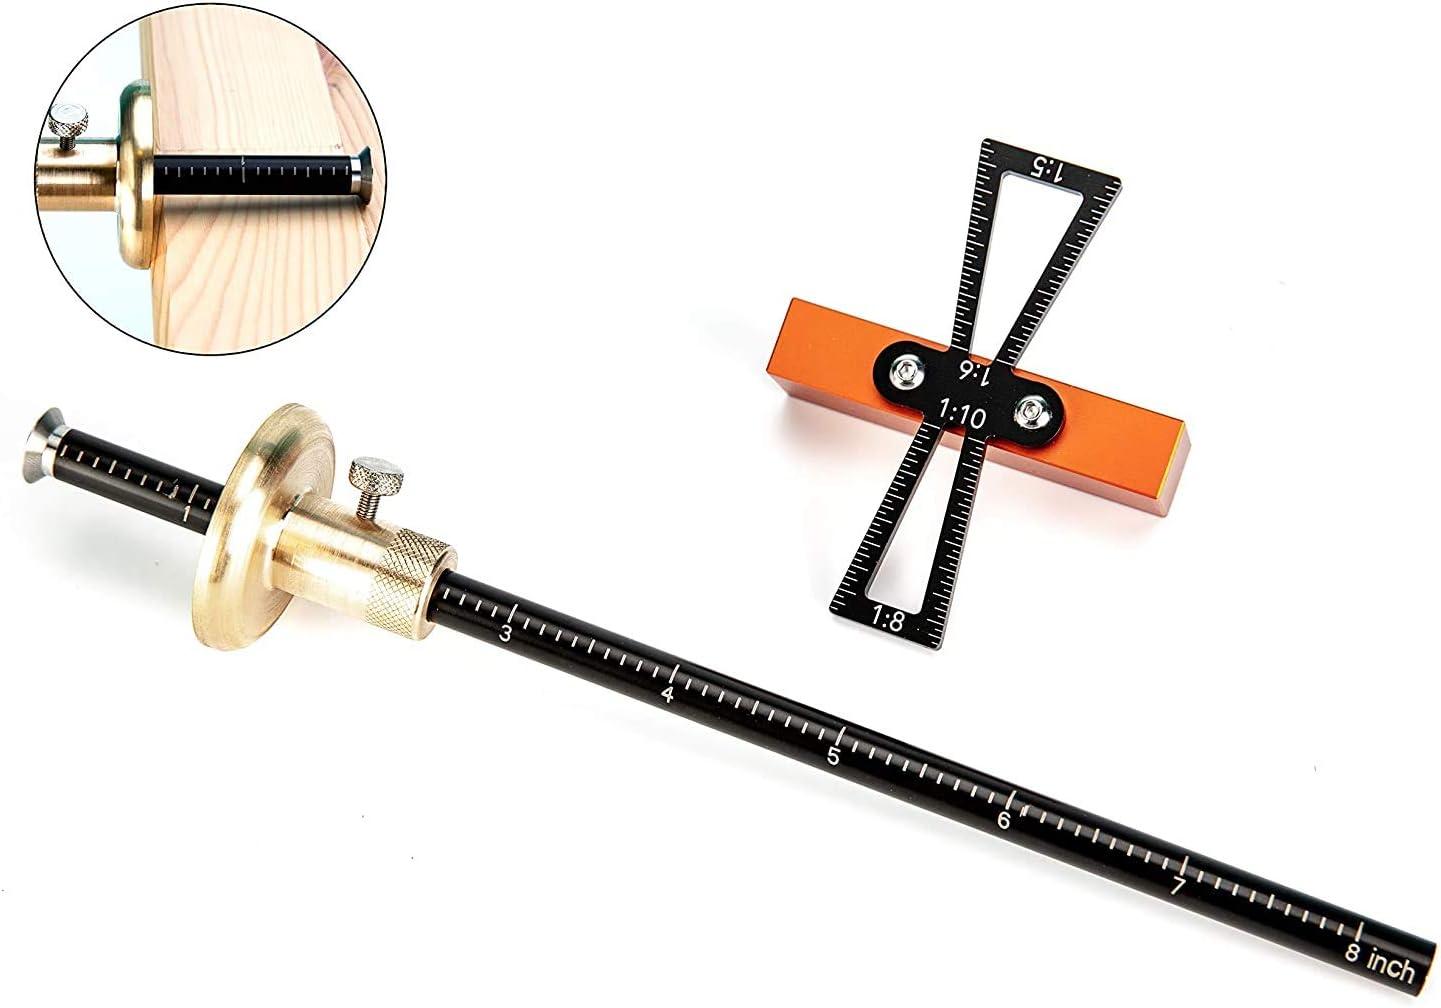 Fstop Labs Juego de herramientas de carpinter/ía de calibre de marcado calibrador de marcado de ruedas de 8 pulgadas herramienta de marcado de plantilla de marcado de cola de milano para carpinter/ía